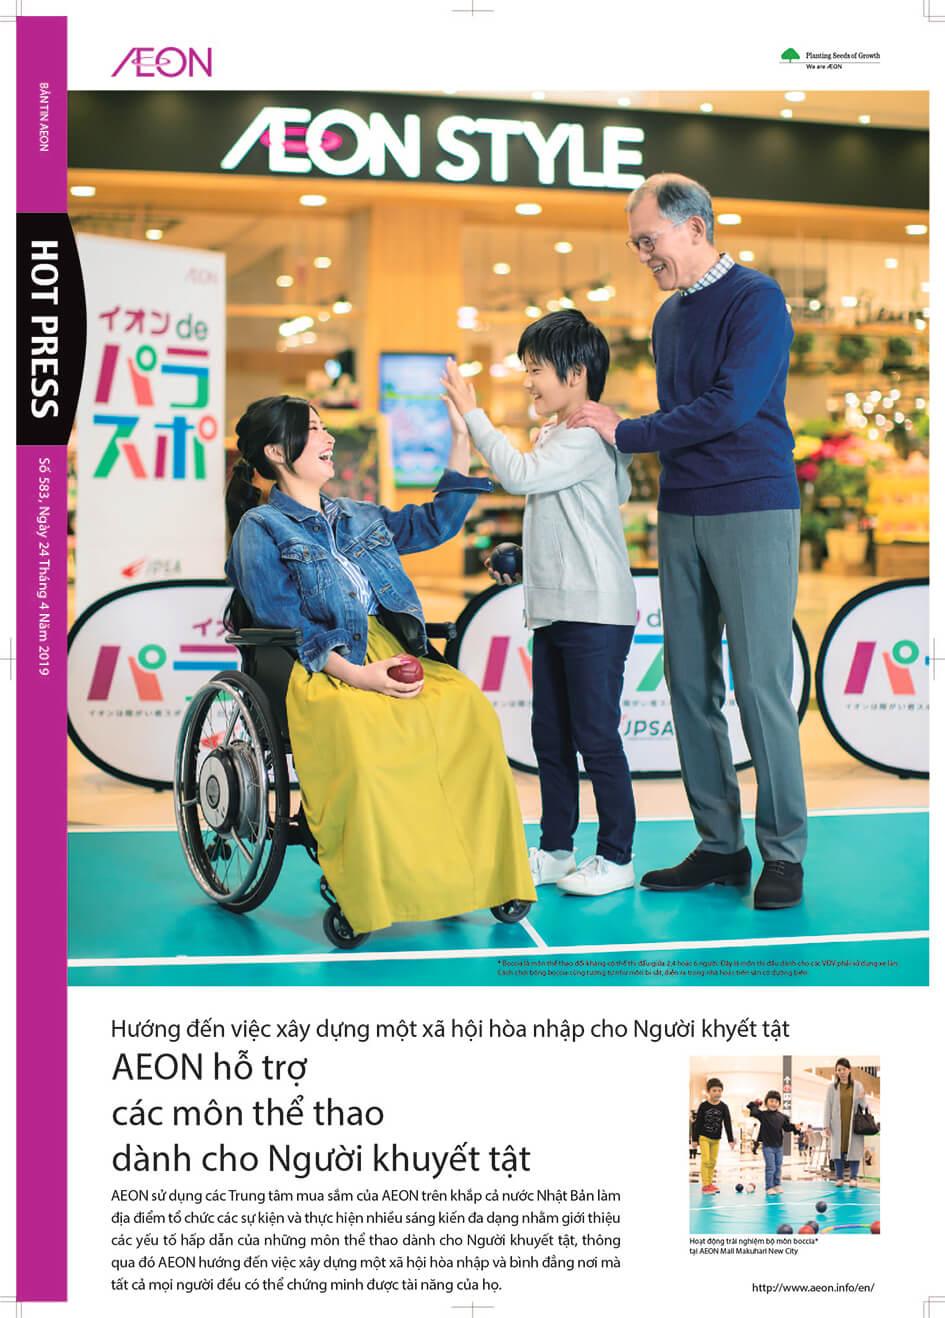 Aeon hỗ trợ các môn thể thao cho Người khuyết tật